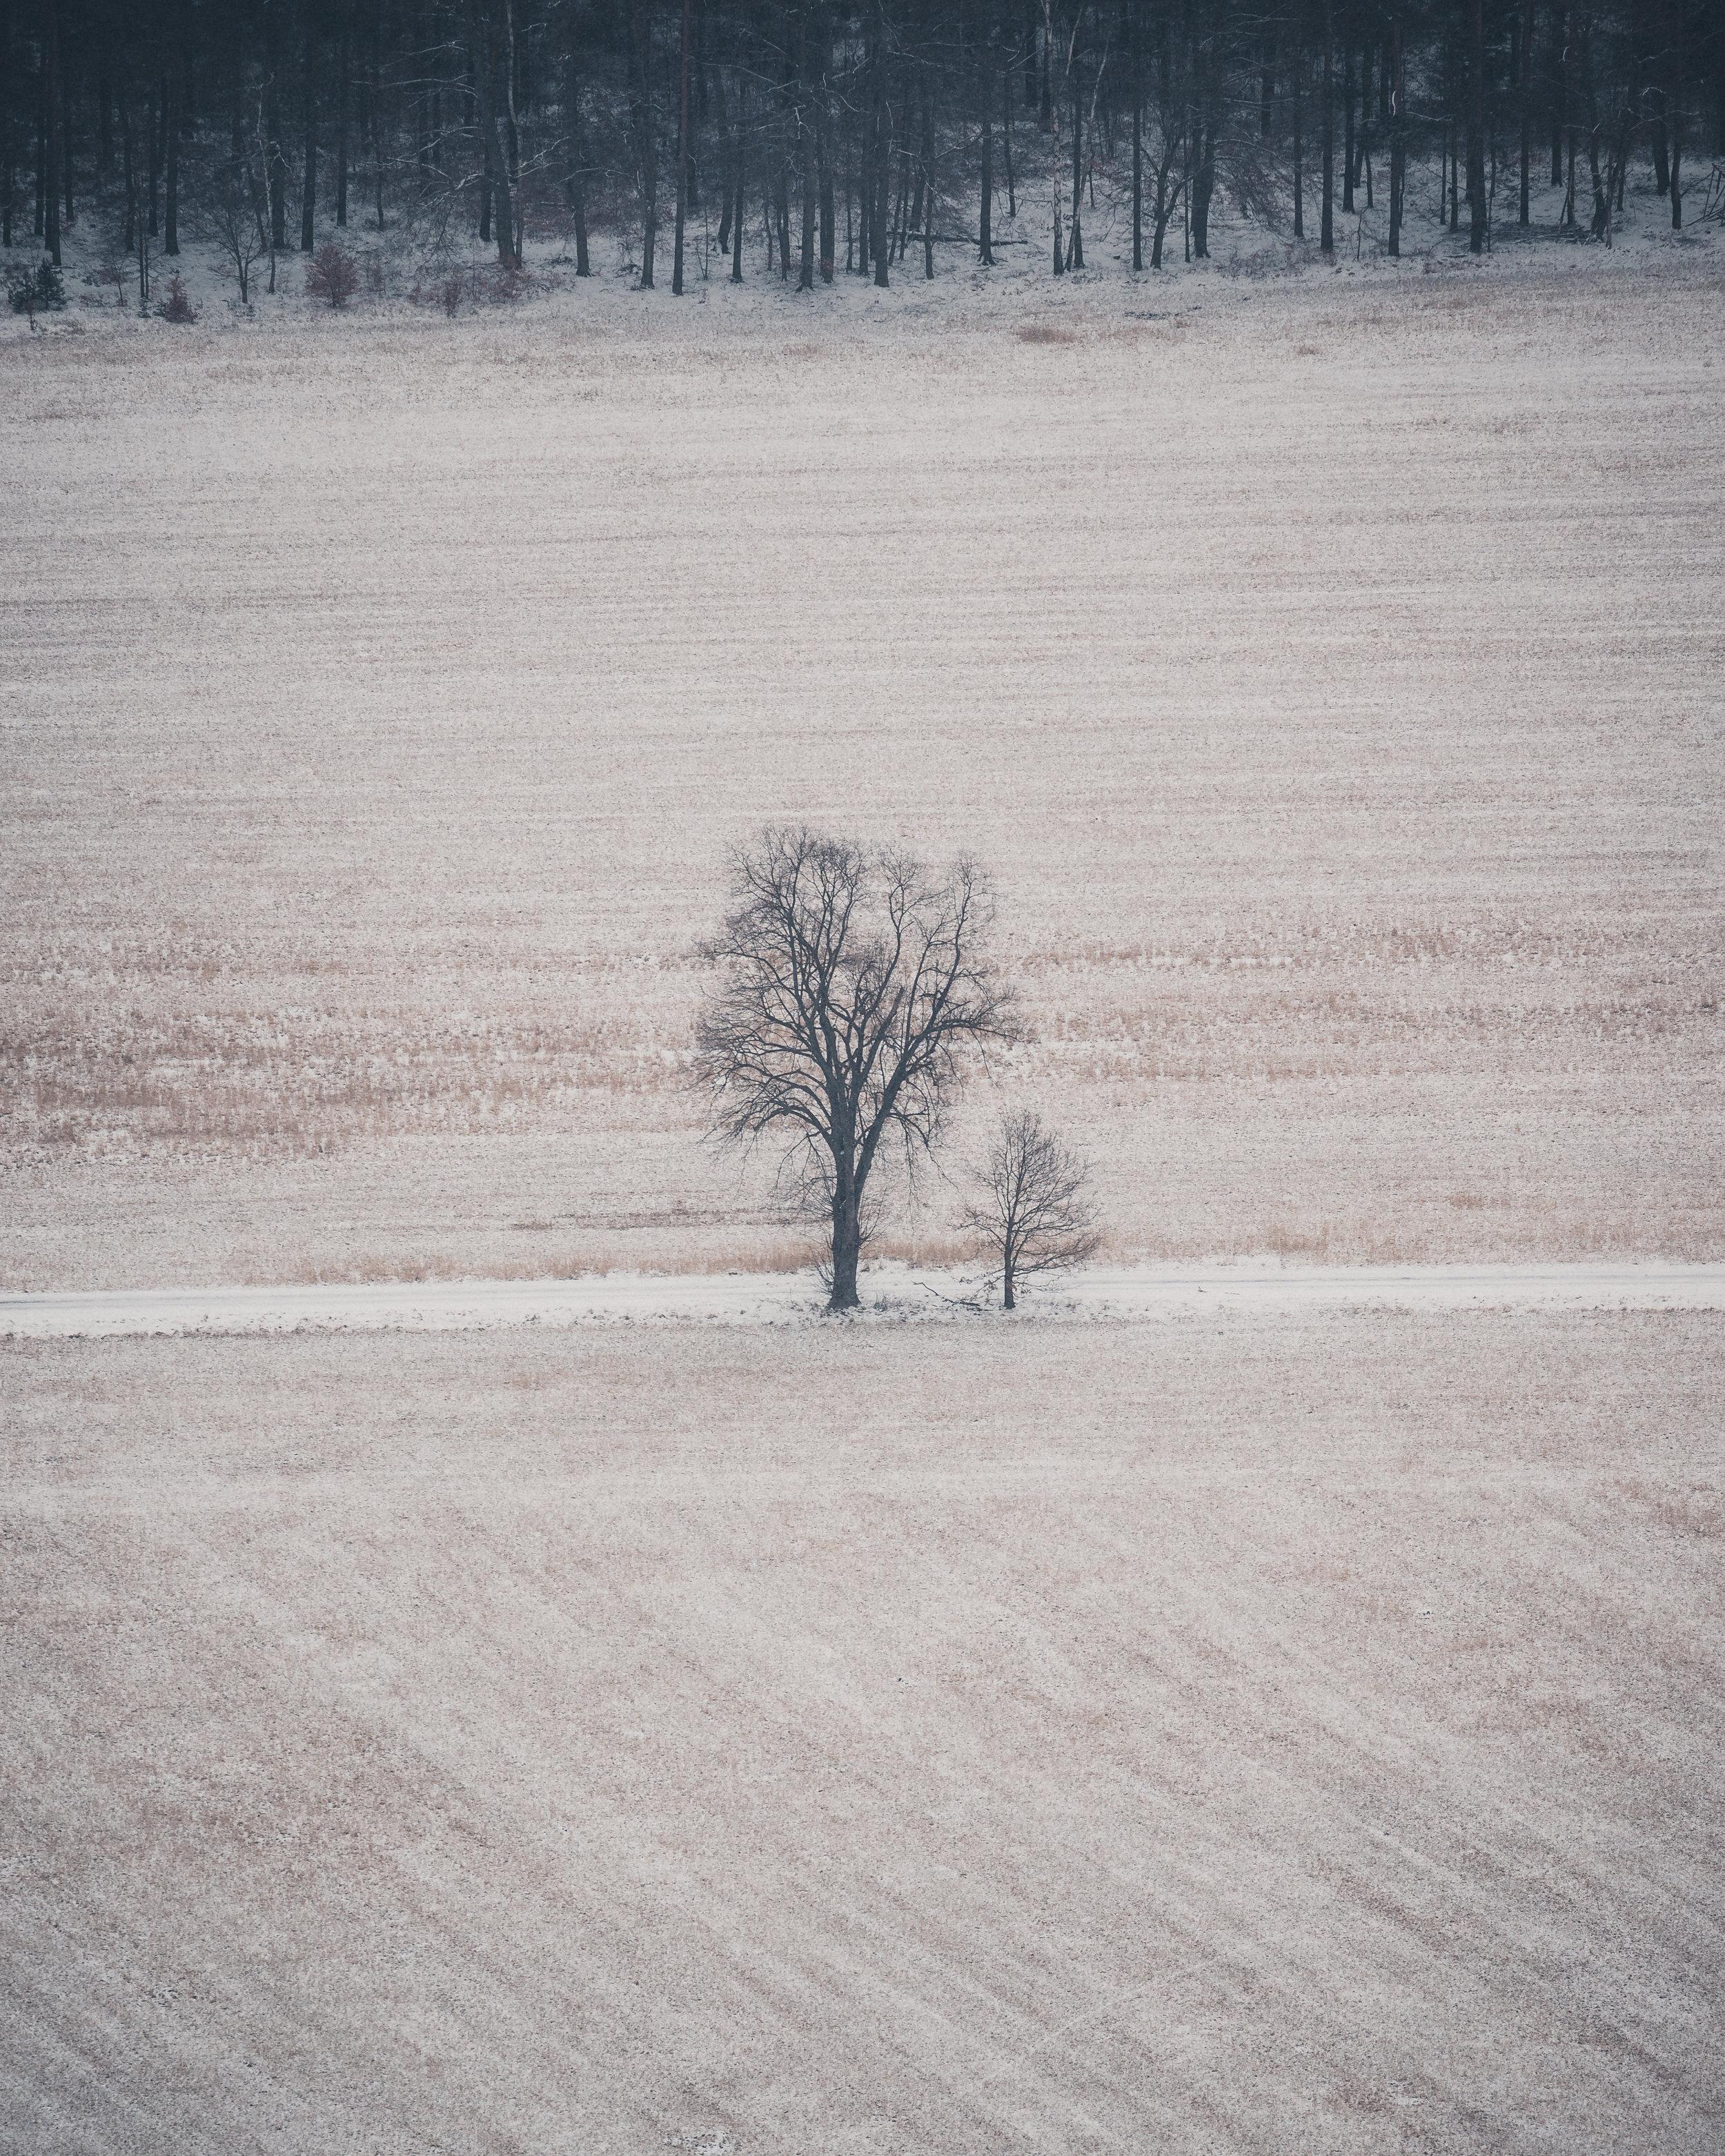 snow_tree.jpg